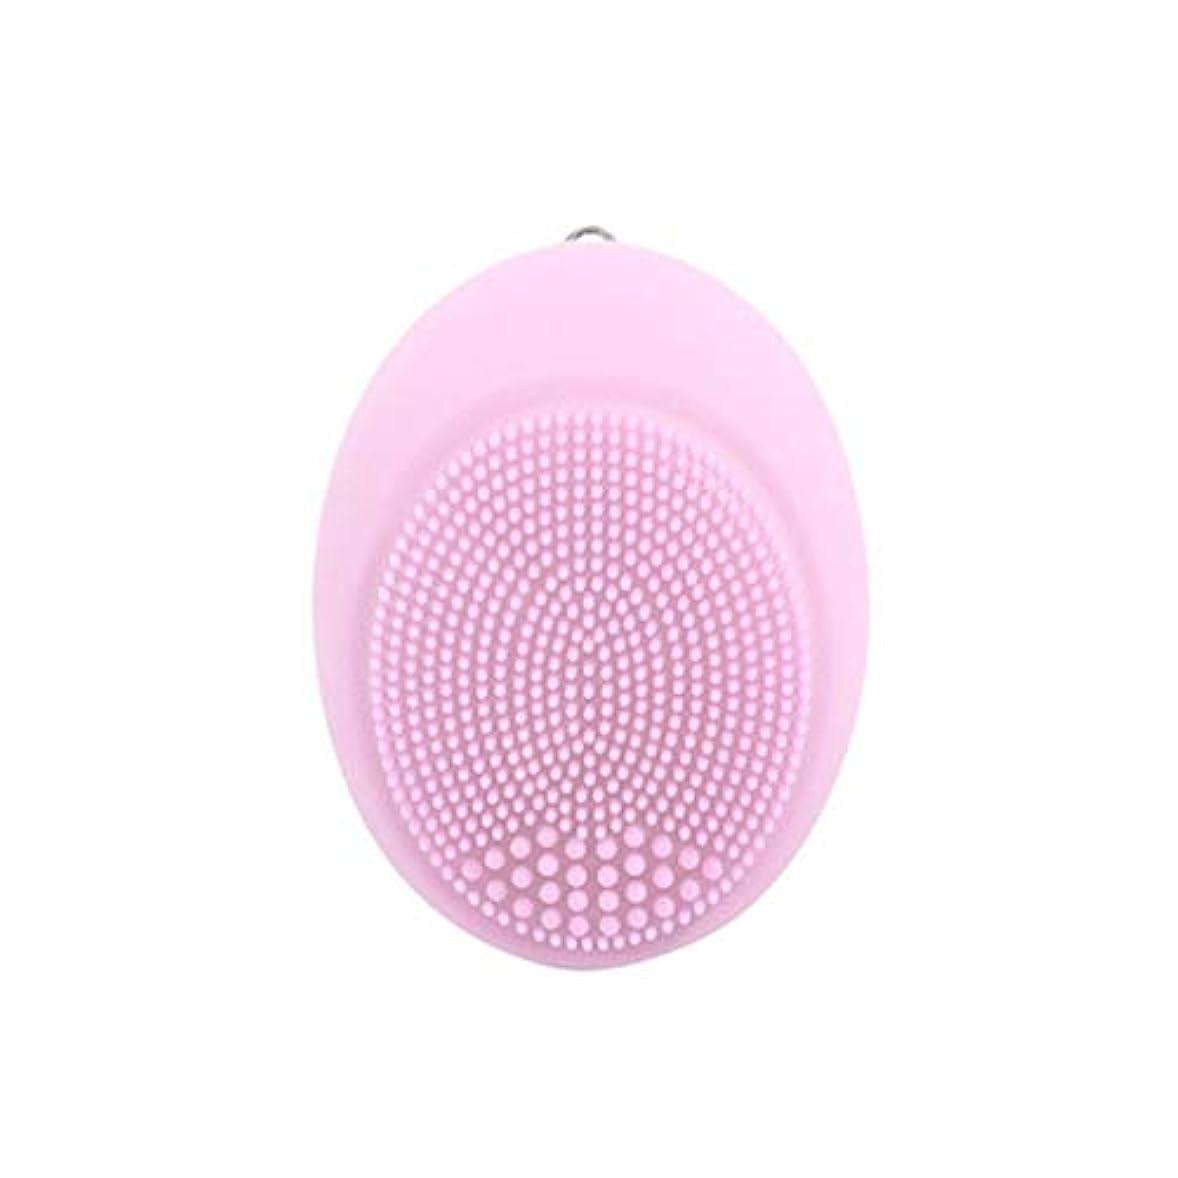 反抗放散するショッピングセンターソニックフェイシャルクレンジングブラシ、電動ビューティーマッサージブラシディープフェイシャルマッサージャーポアクリーナーディープクレンジング穏やかな角質除去が血液循環を促進 (Color : Pink)